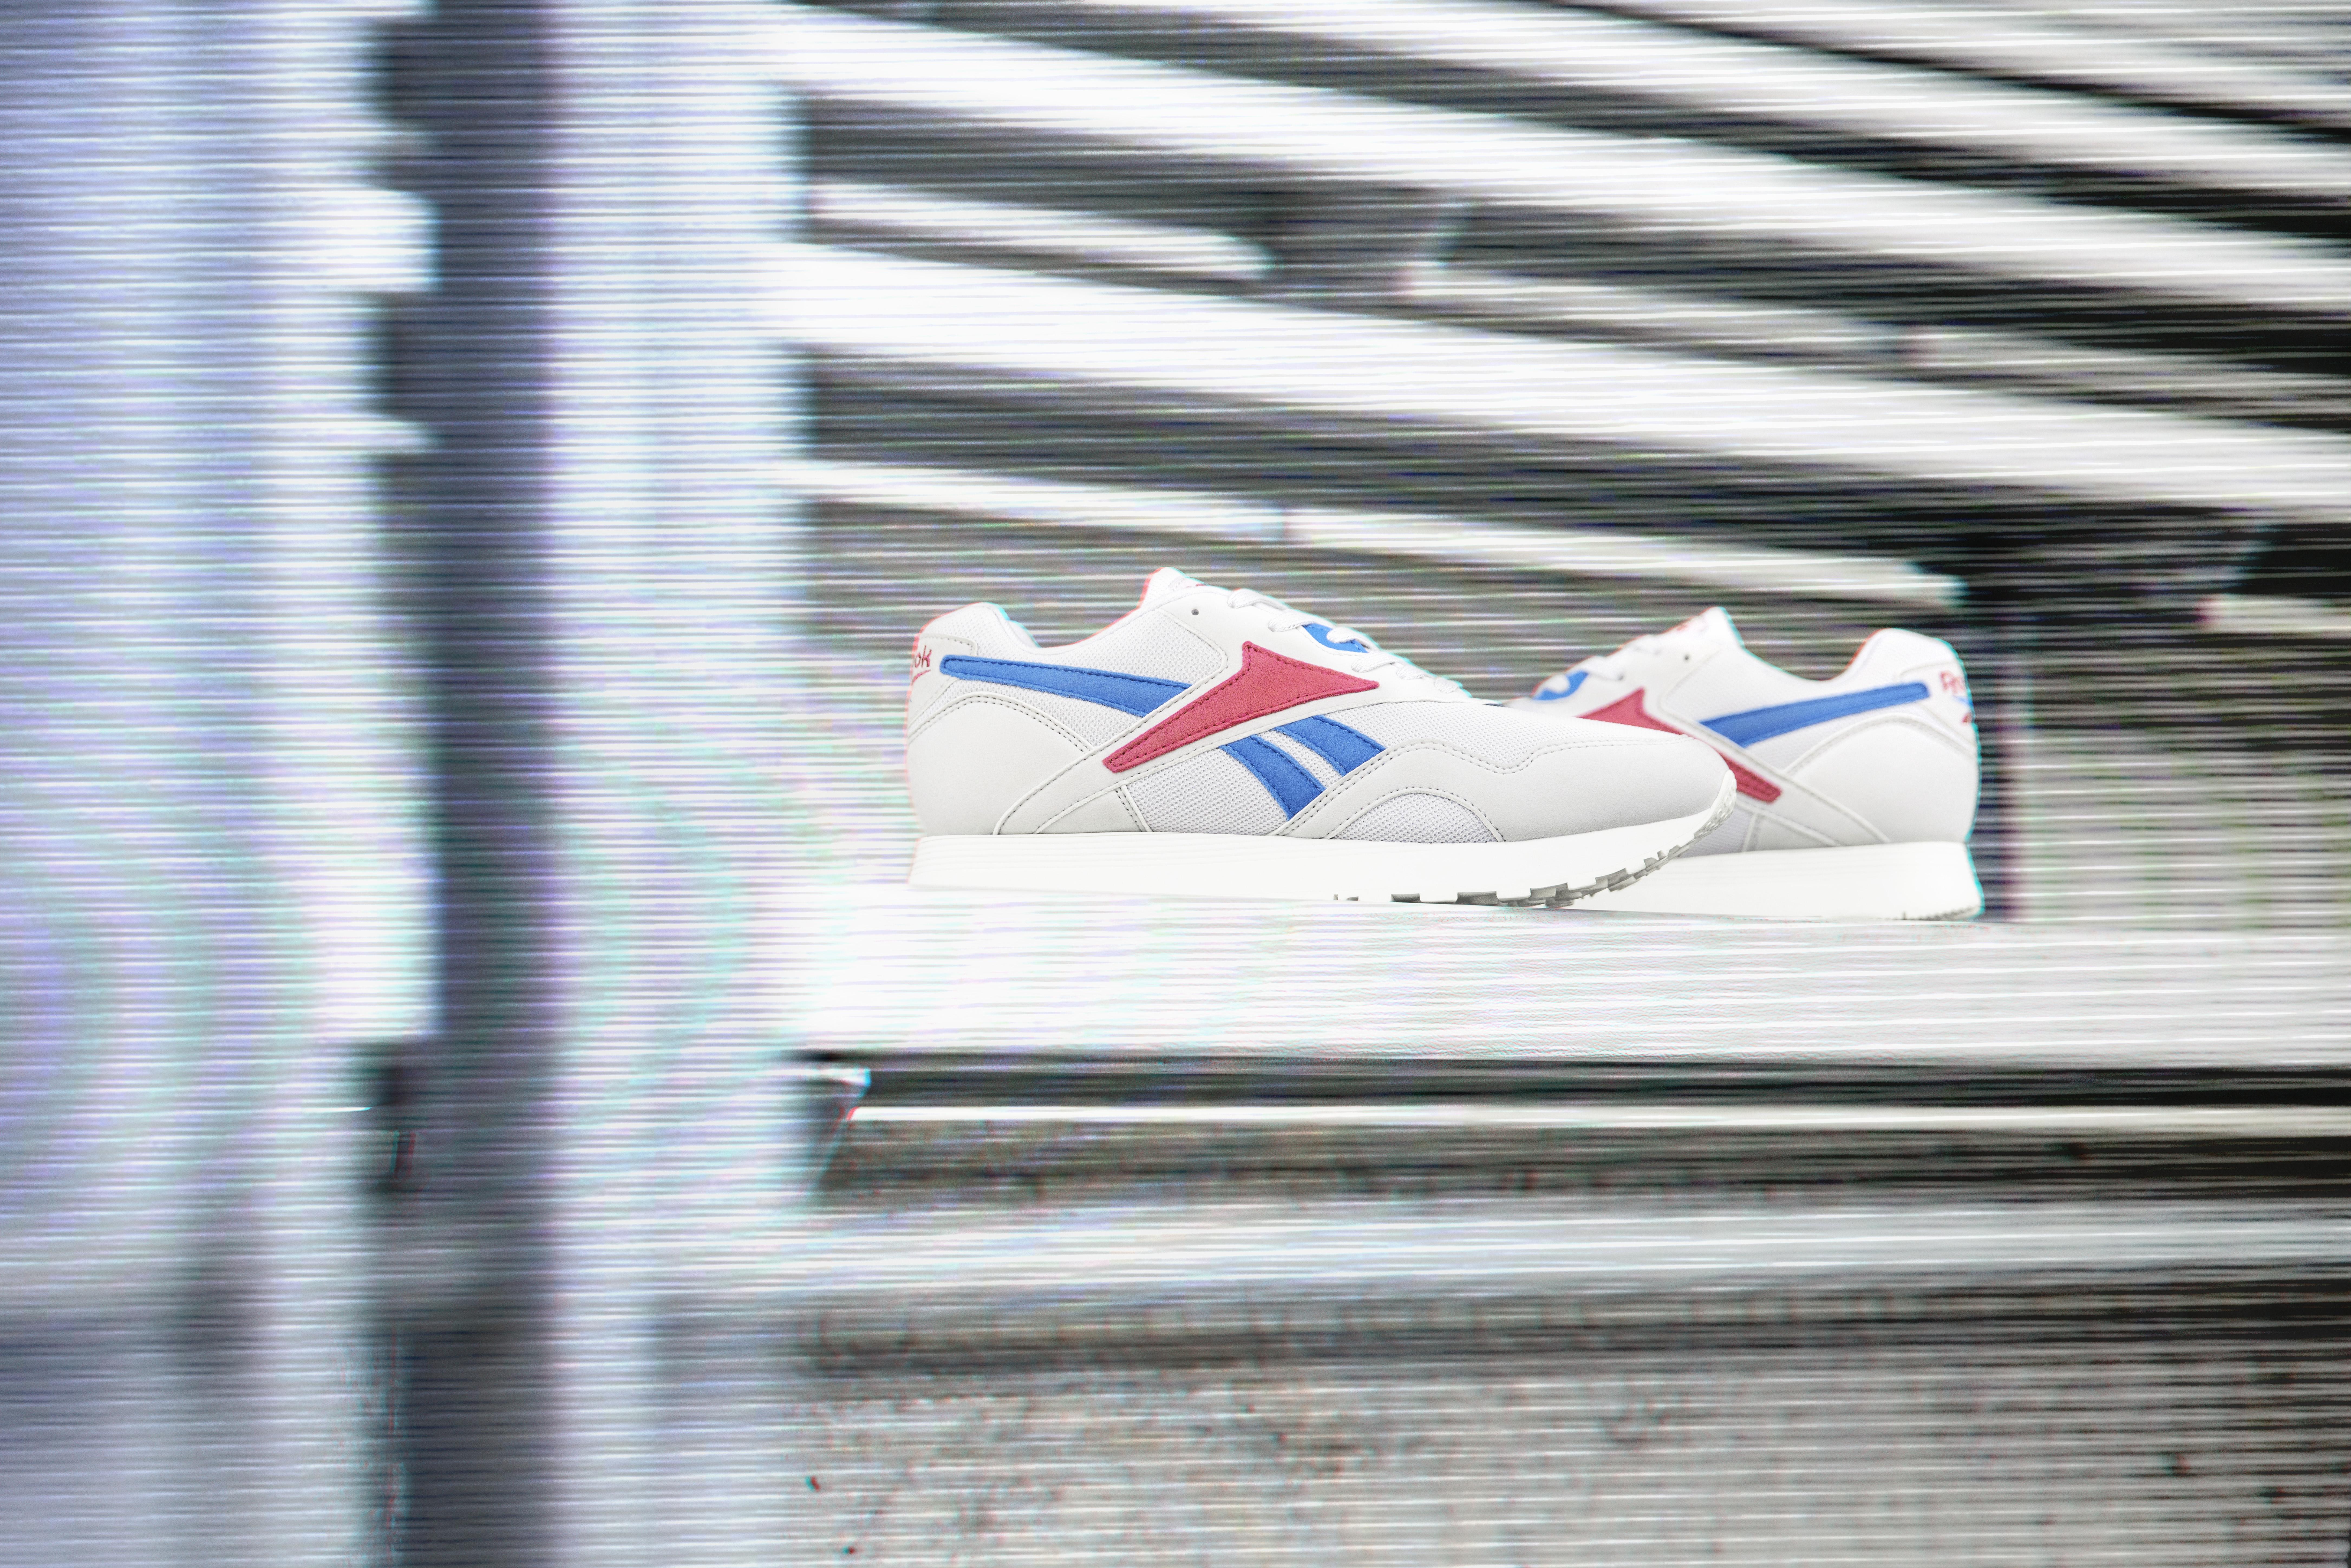 1e19cbebf4d The Reebok Rapide OG Colorway Returns For Retro Sneakerheads to Enjoy